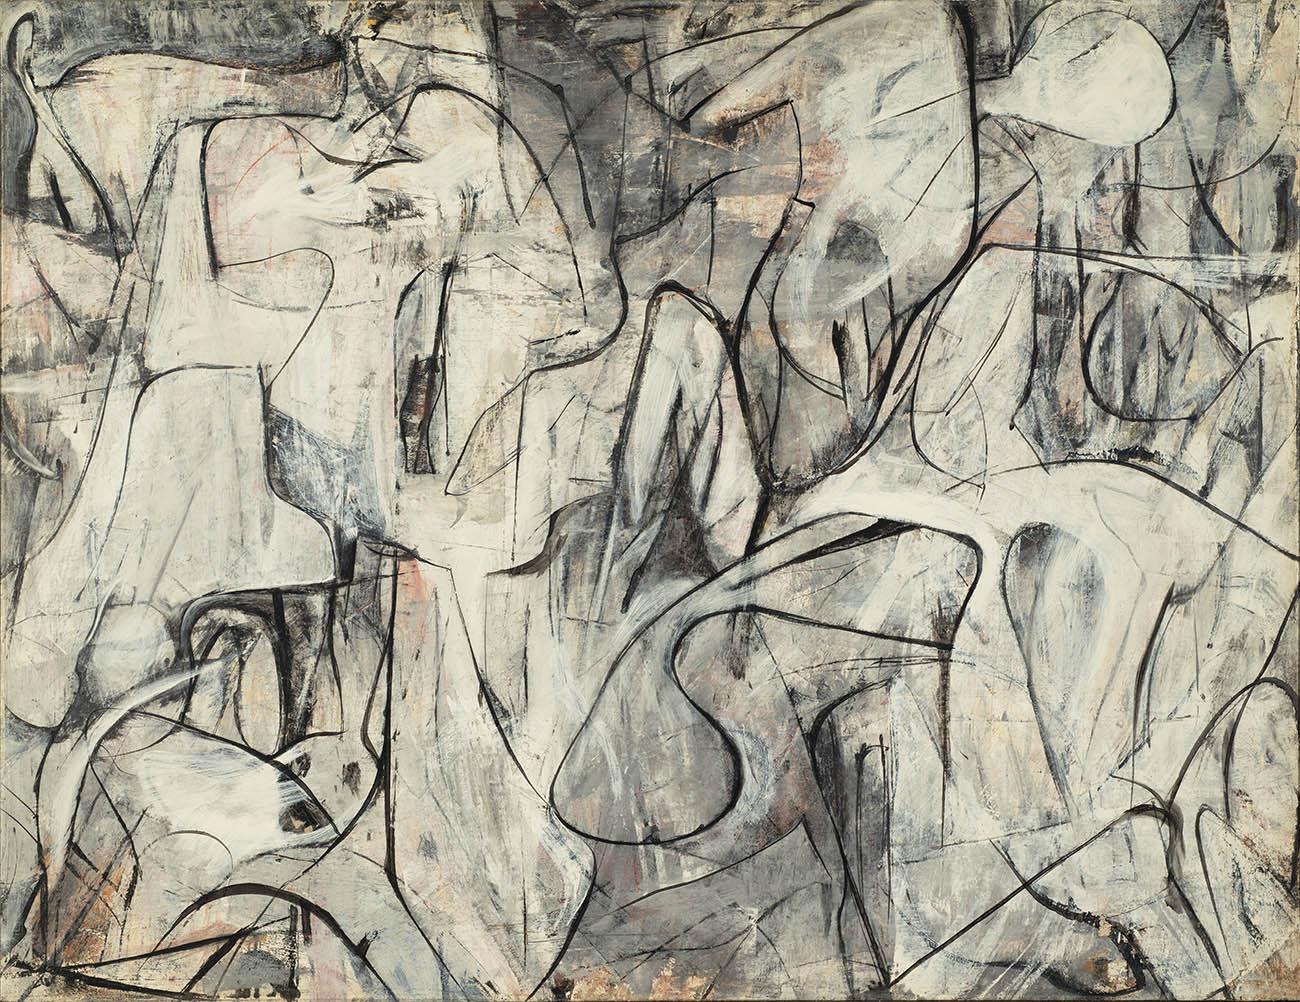 <em/>Yardstick, 1948, Pat Passlof